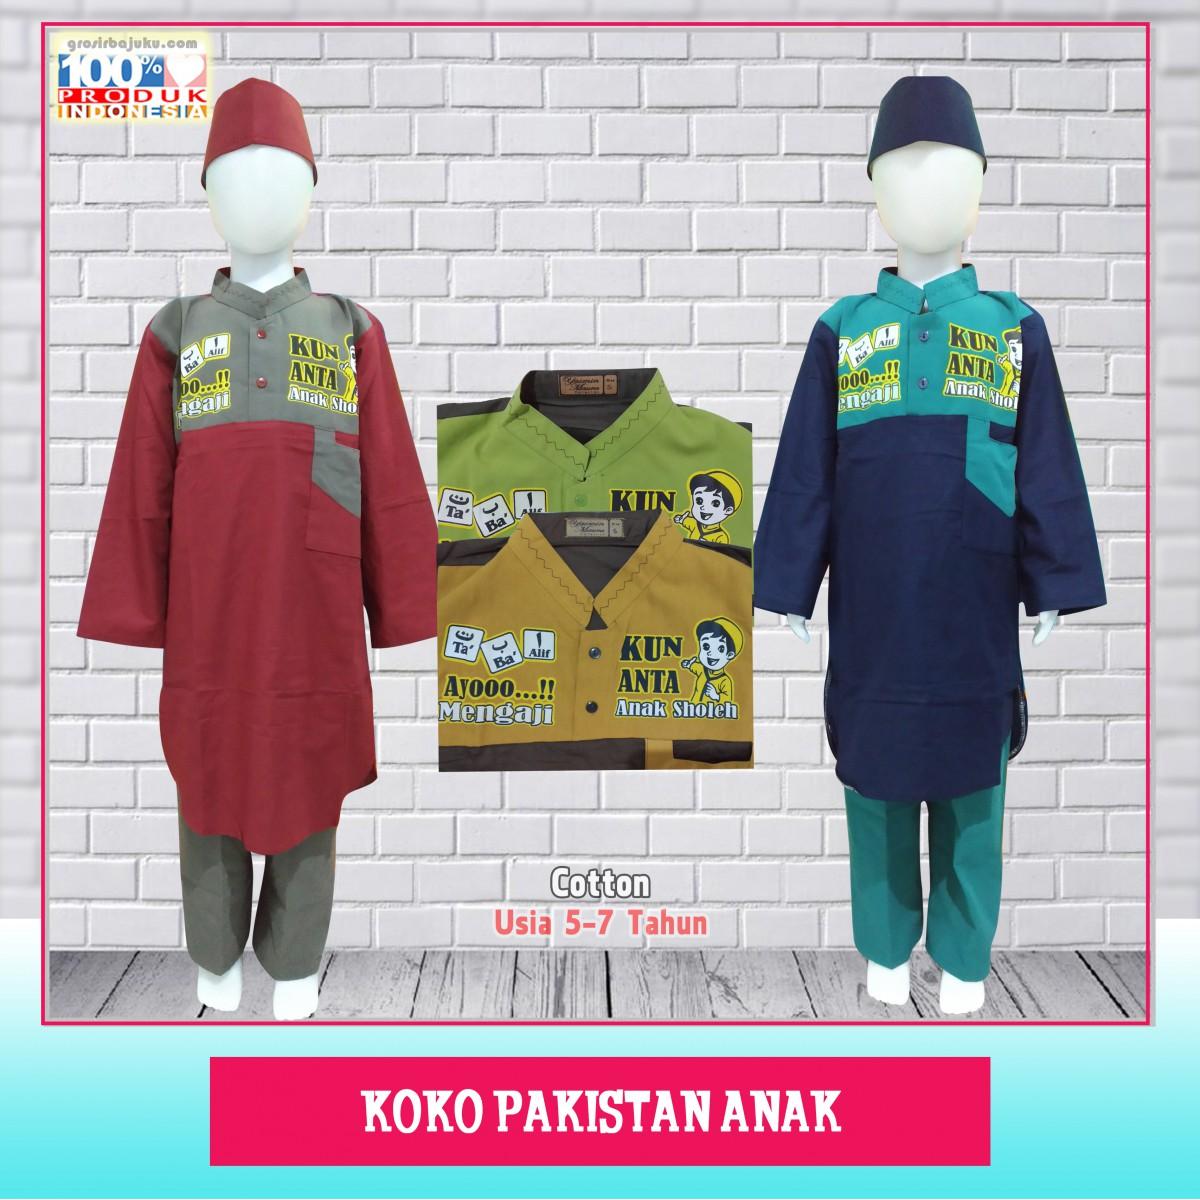 Koko Pakistan Anak